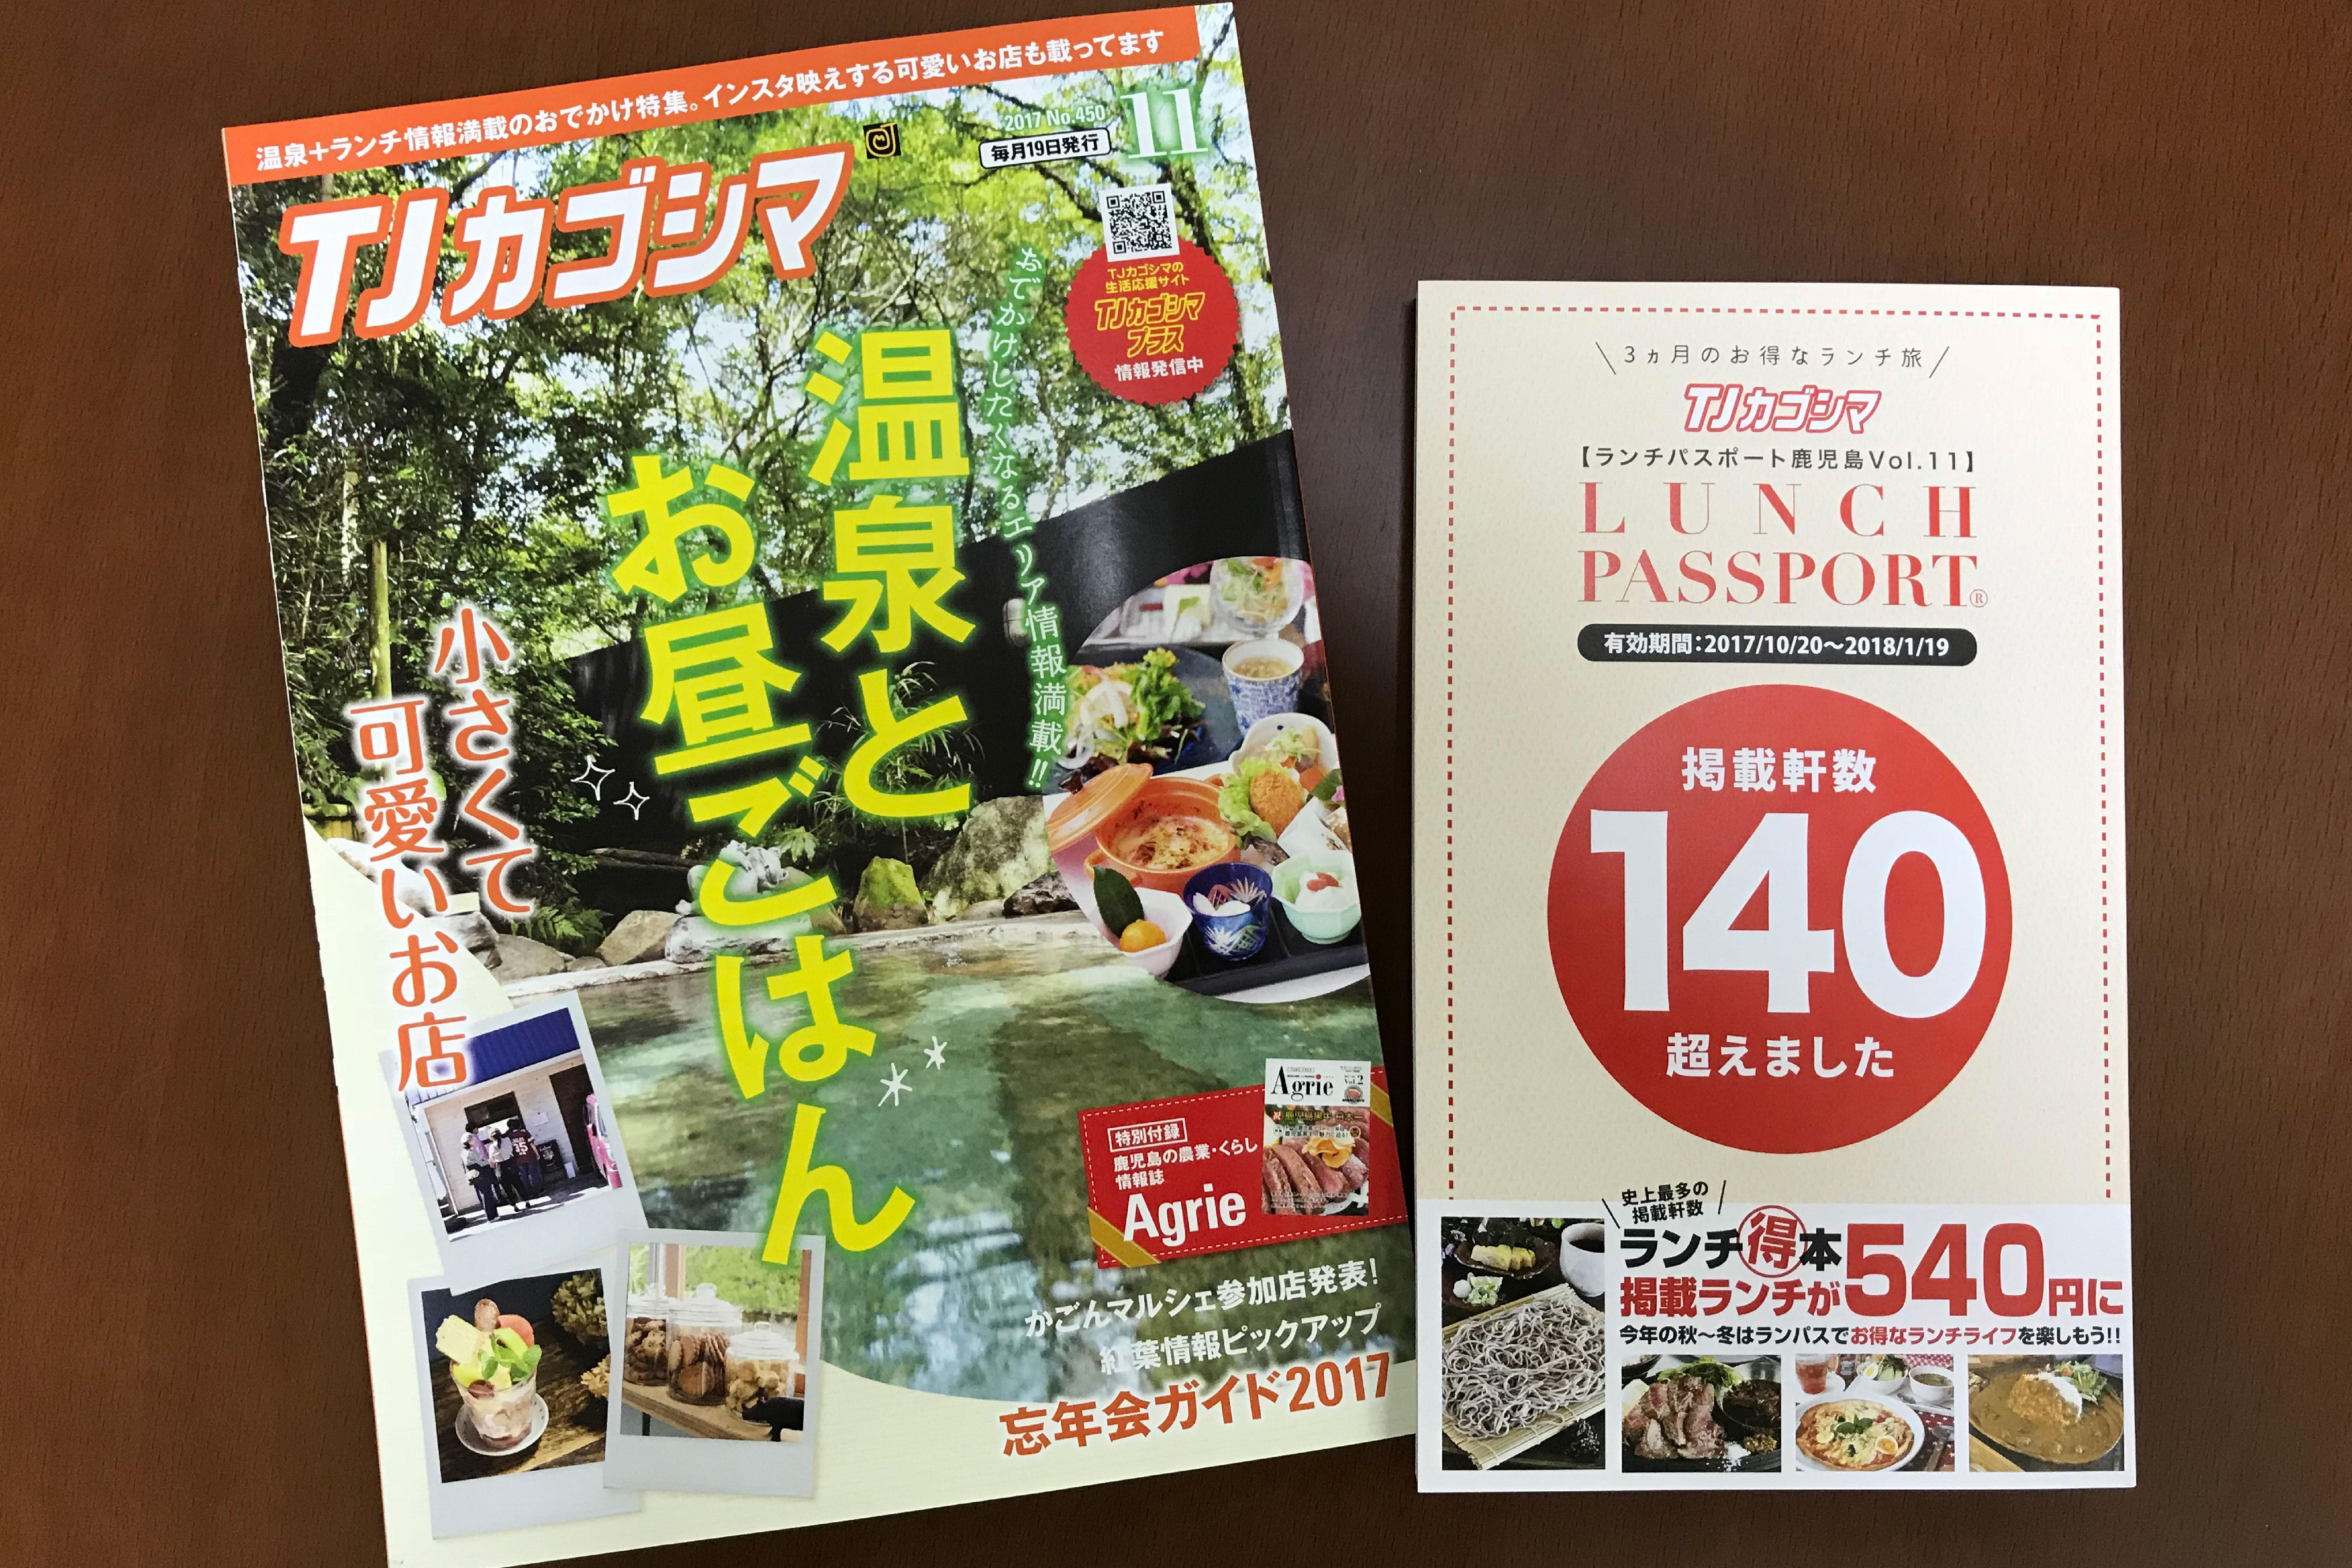 TJカゴシマ11月号&ランチパスポート第11弾、好評発売中!